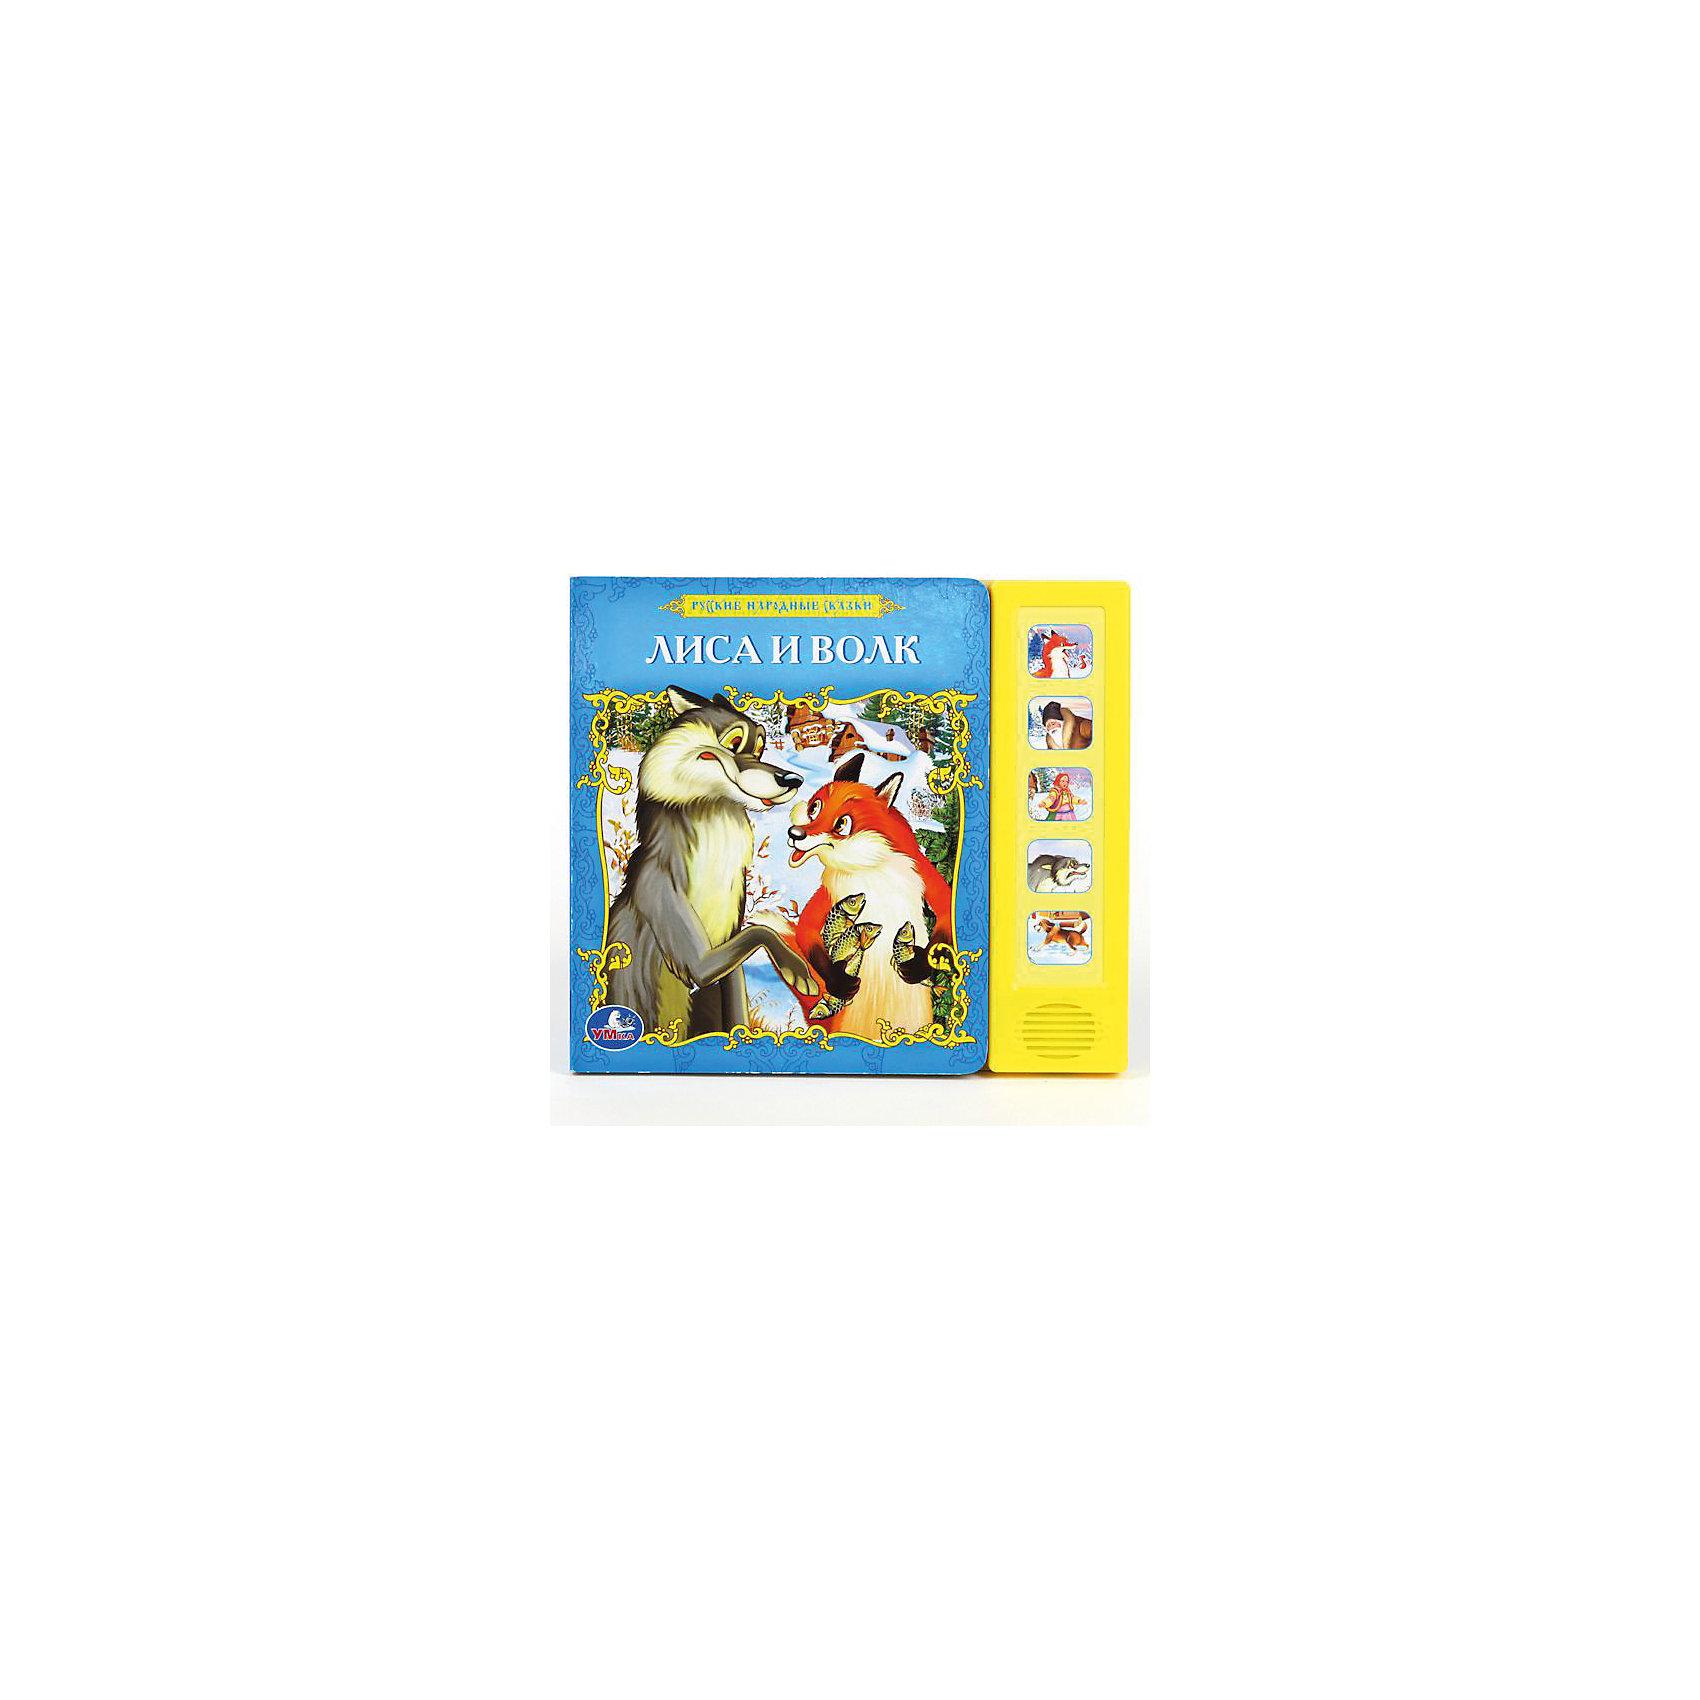 Книга со звуком Лиса и волк Русские народные сказки, СоюзмультфильмГоворящие книги<br>Характеристики товара:<br><br>• размер: 22x19 см<br>• материал: картон<br>• страниц: 10<br>• возраст: от года<br>• 5 звуковых кнопок<br>• цветные иллюстрации<br>• страна бренда: РФ<br>• страна изготовитель: РФ<br><br>Сказки и стихи не только развлекают малышей, они помогают учиться и познавать мир! Такая книжка станет отличным подарком ребенку и родителям - ведь с помощью неё можно слушать персонажей, прививать любовь к чтению, а также рассматривать картинки. Формат - очень удобный, качество печати - отличное! Книжка дополнена яркими картинками. Книжки со звуком особенно нравятся малышам.<br>Чтение даже в юном возрасте помогает детям развивать важные навыки и способности, оно активизирует мышление, формирует усидчивость, логику и воображение. Изделие производится из качественных и проверенных материалов, которые безопасны для детей.<br><br>Книжку со звуком Лиса и волк Русские народные сказки от бренда Умка можно купить в нашем интернет-магазине.<br><br>Ширина мм: 10<br>Глубина мм: 180<br>Высота мм: 210<br>Вес г: 280<br>Возраст от месяцев: 12<br>Возраст до месяцев: 60<br>Пол: Унисекс<br>Возраст: Детский<br>SKU: 5196886